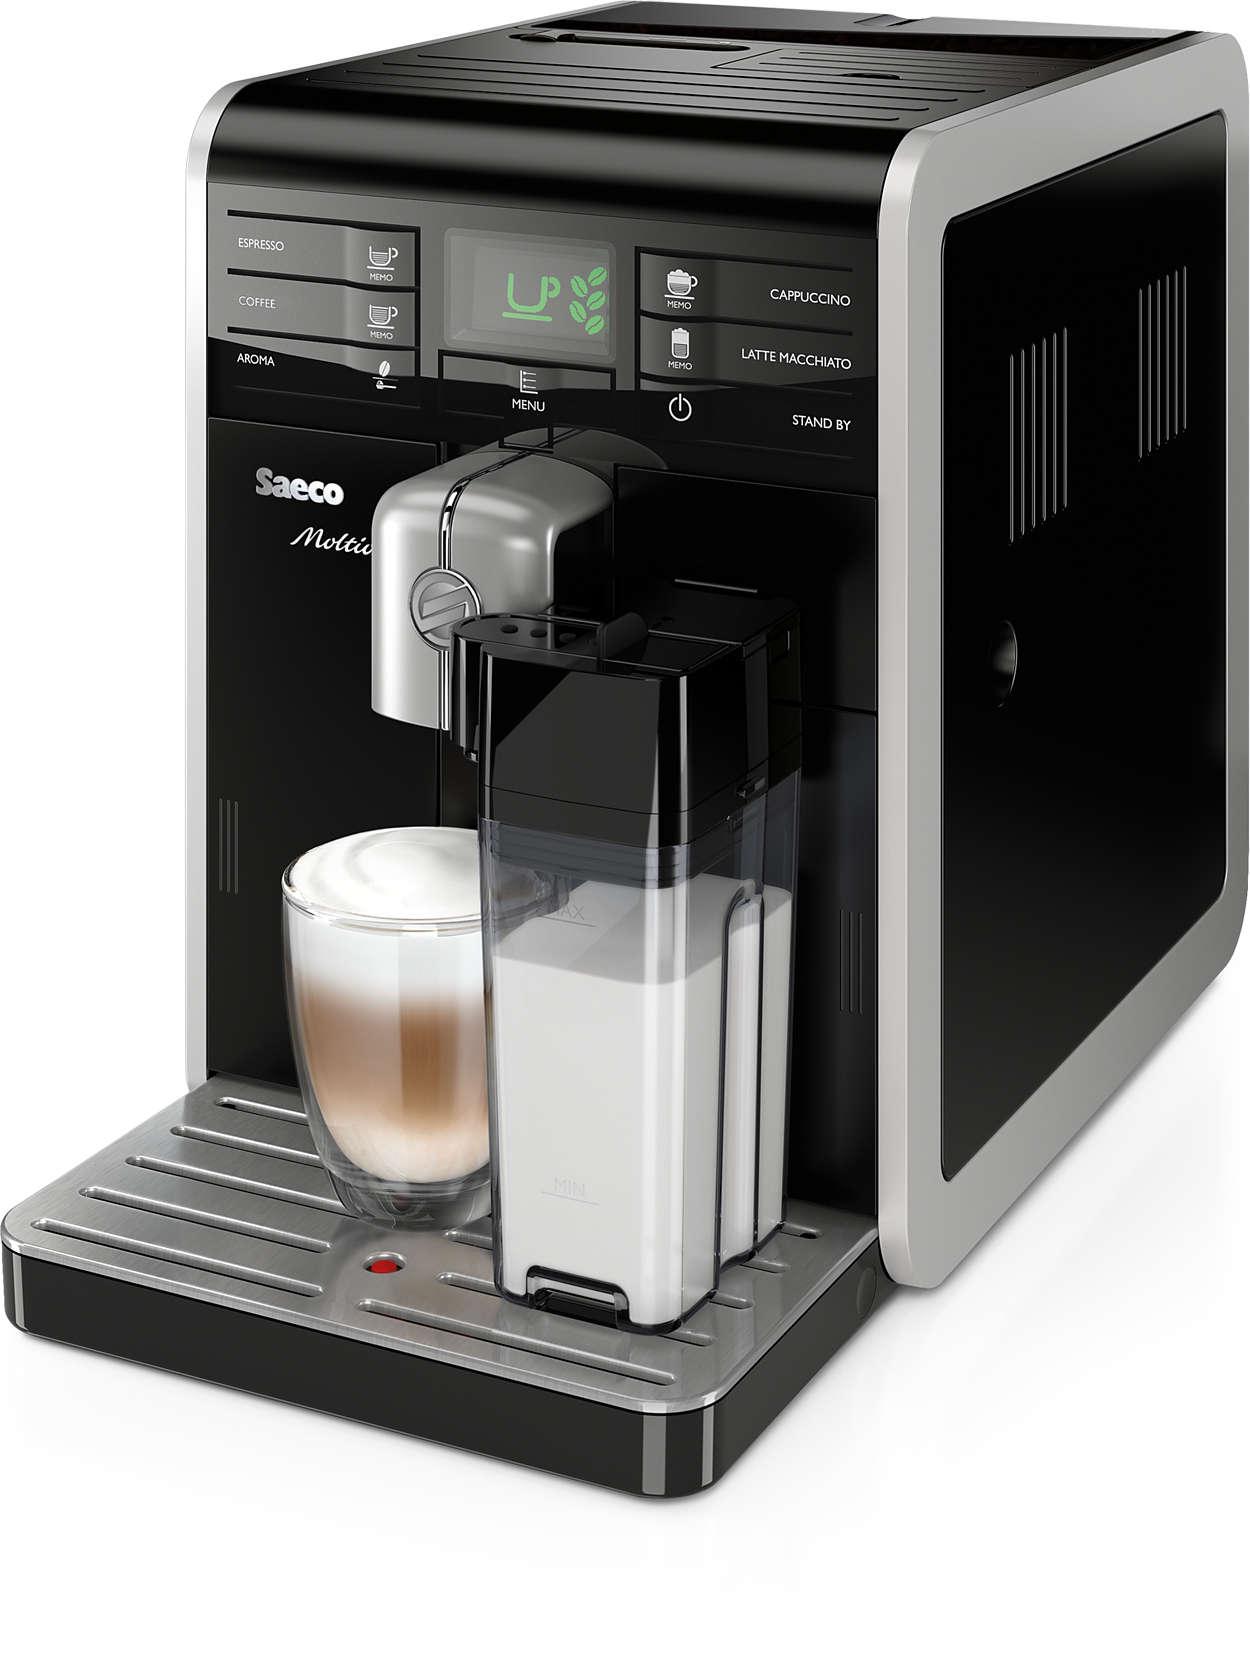 Hvert øjeblik fortjener den gode kaffesmag